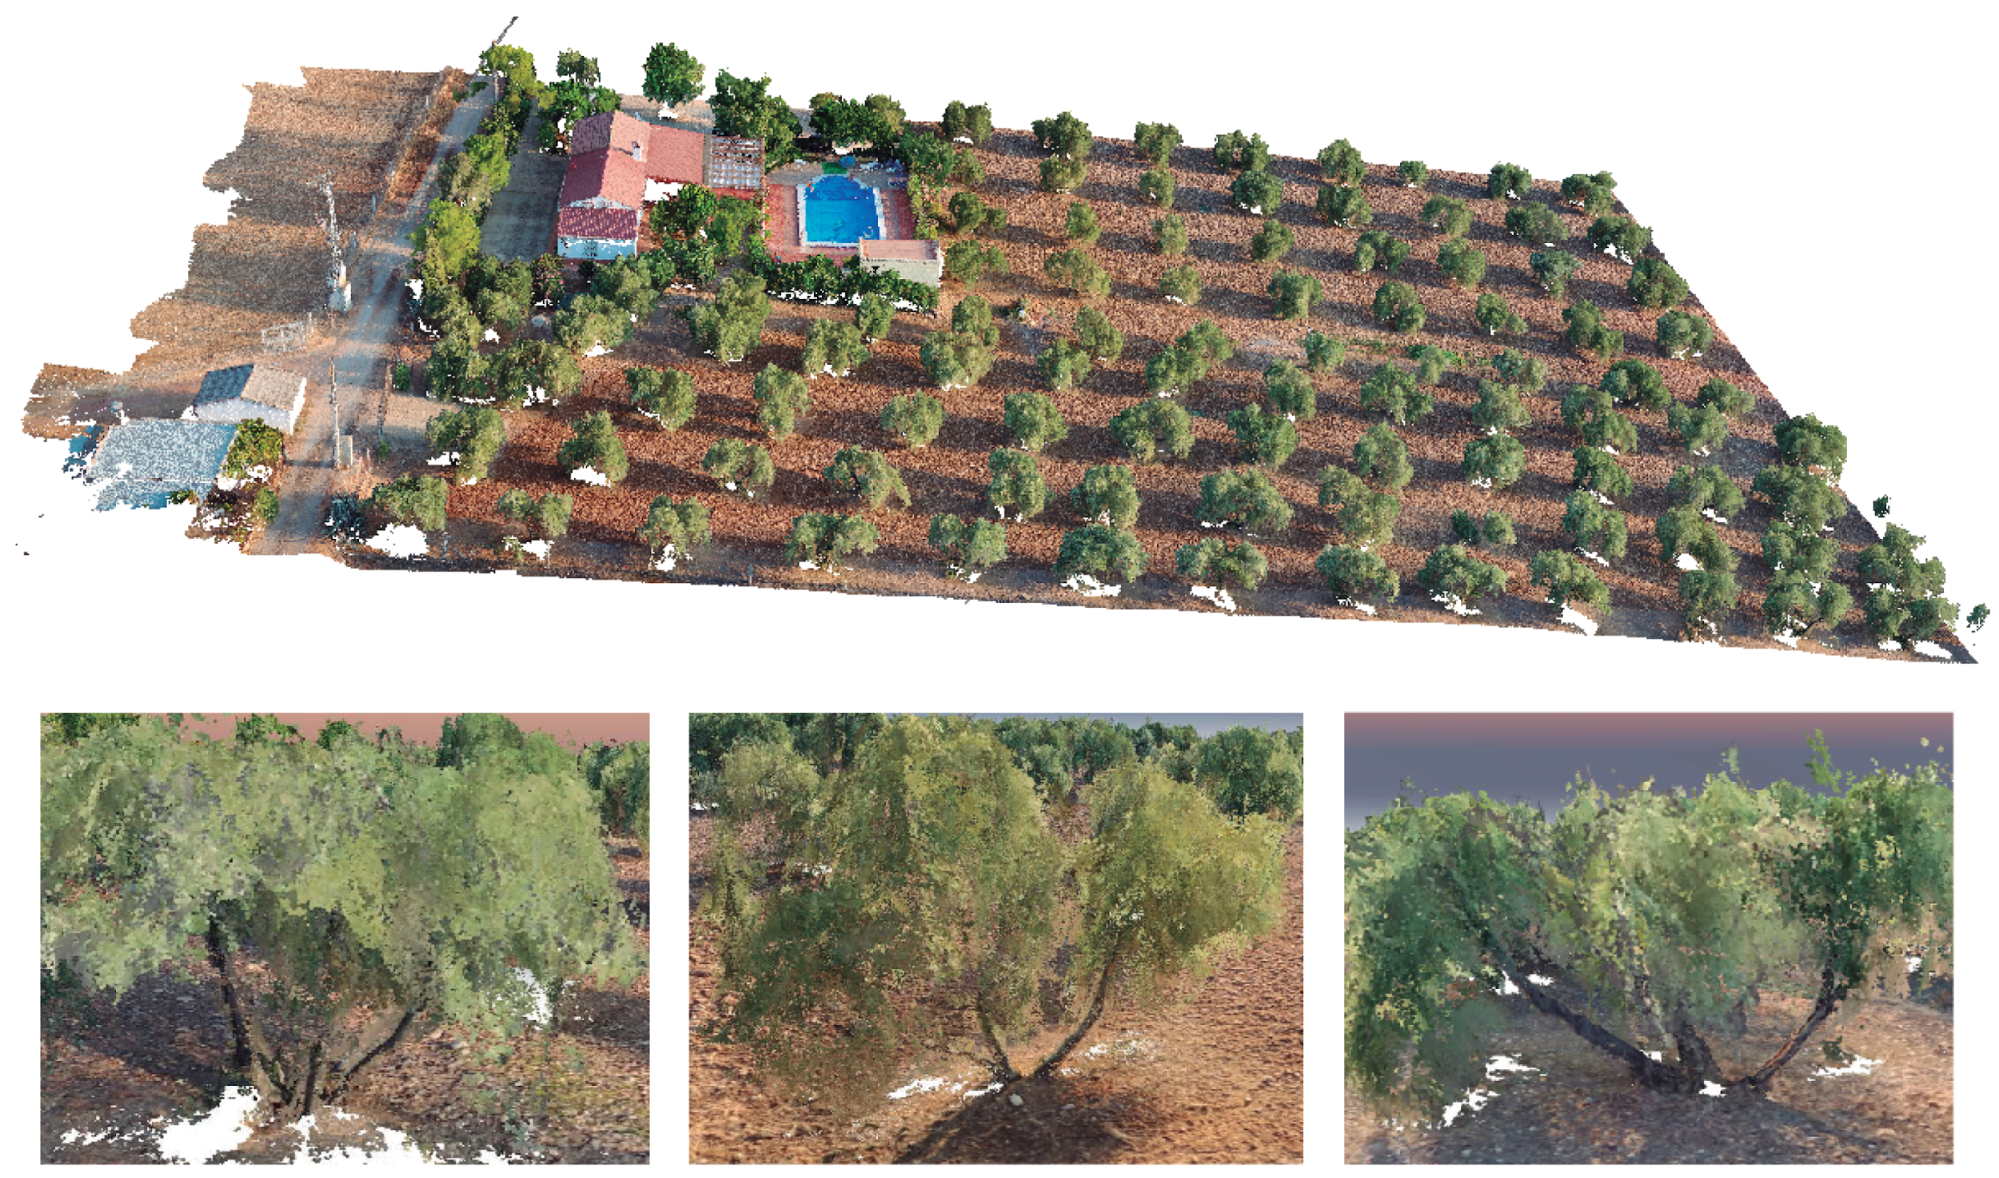 スペインで開発されたドローンにより、オリーブ樹の生育を管理するシステム